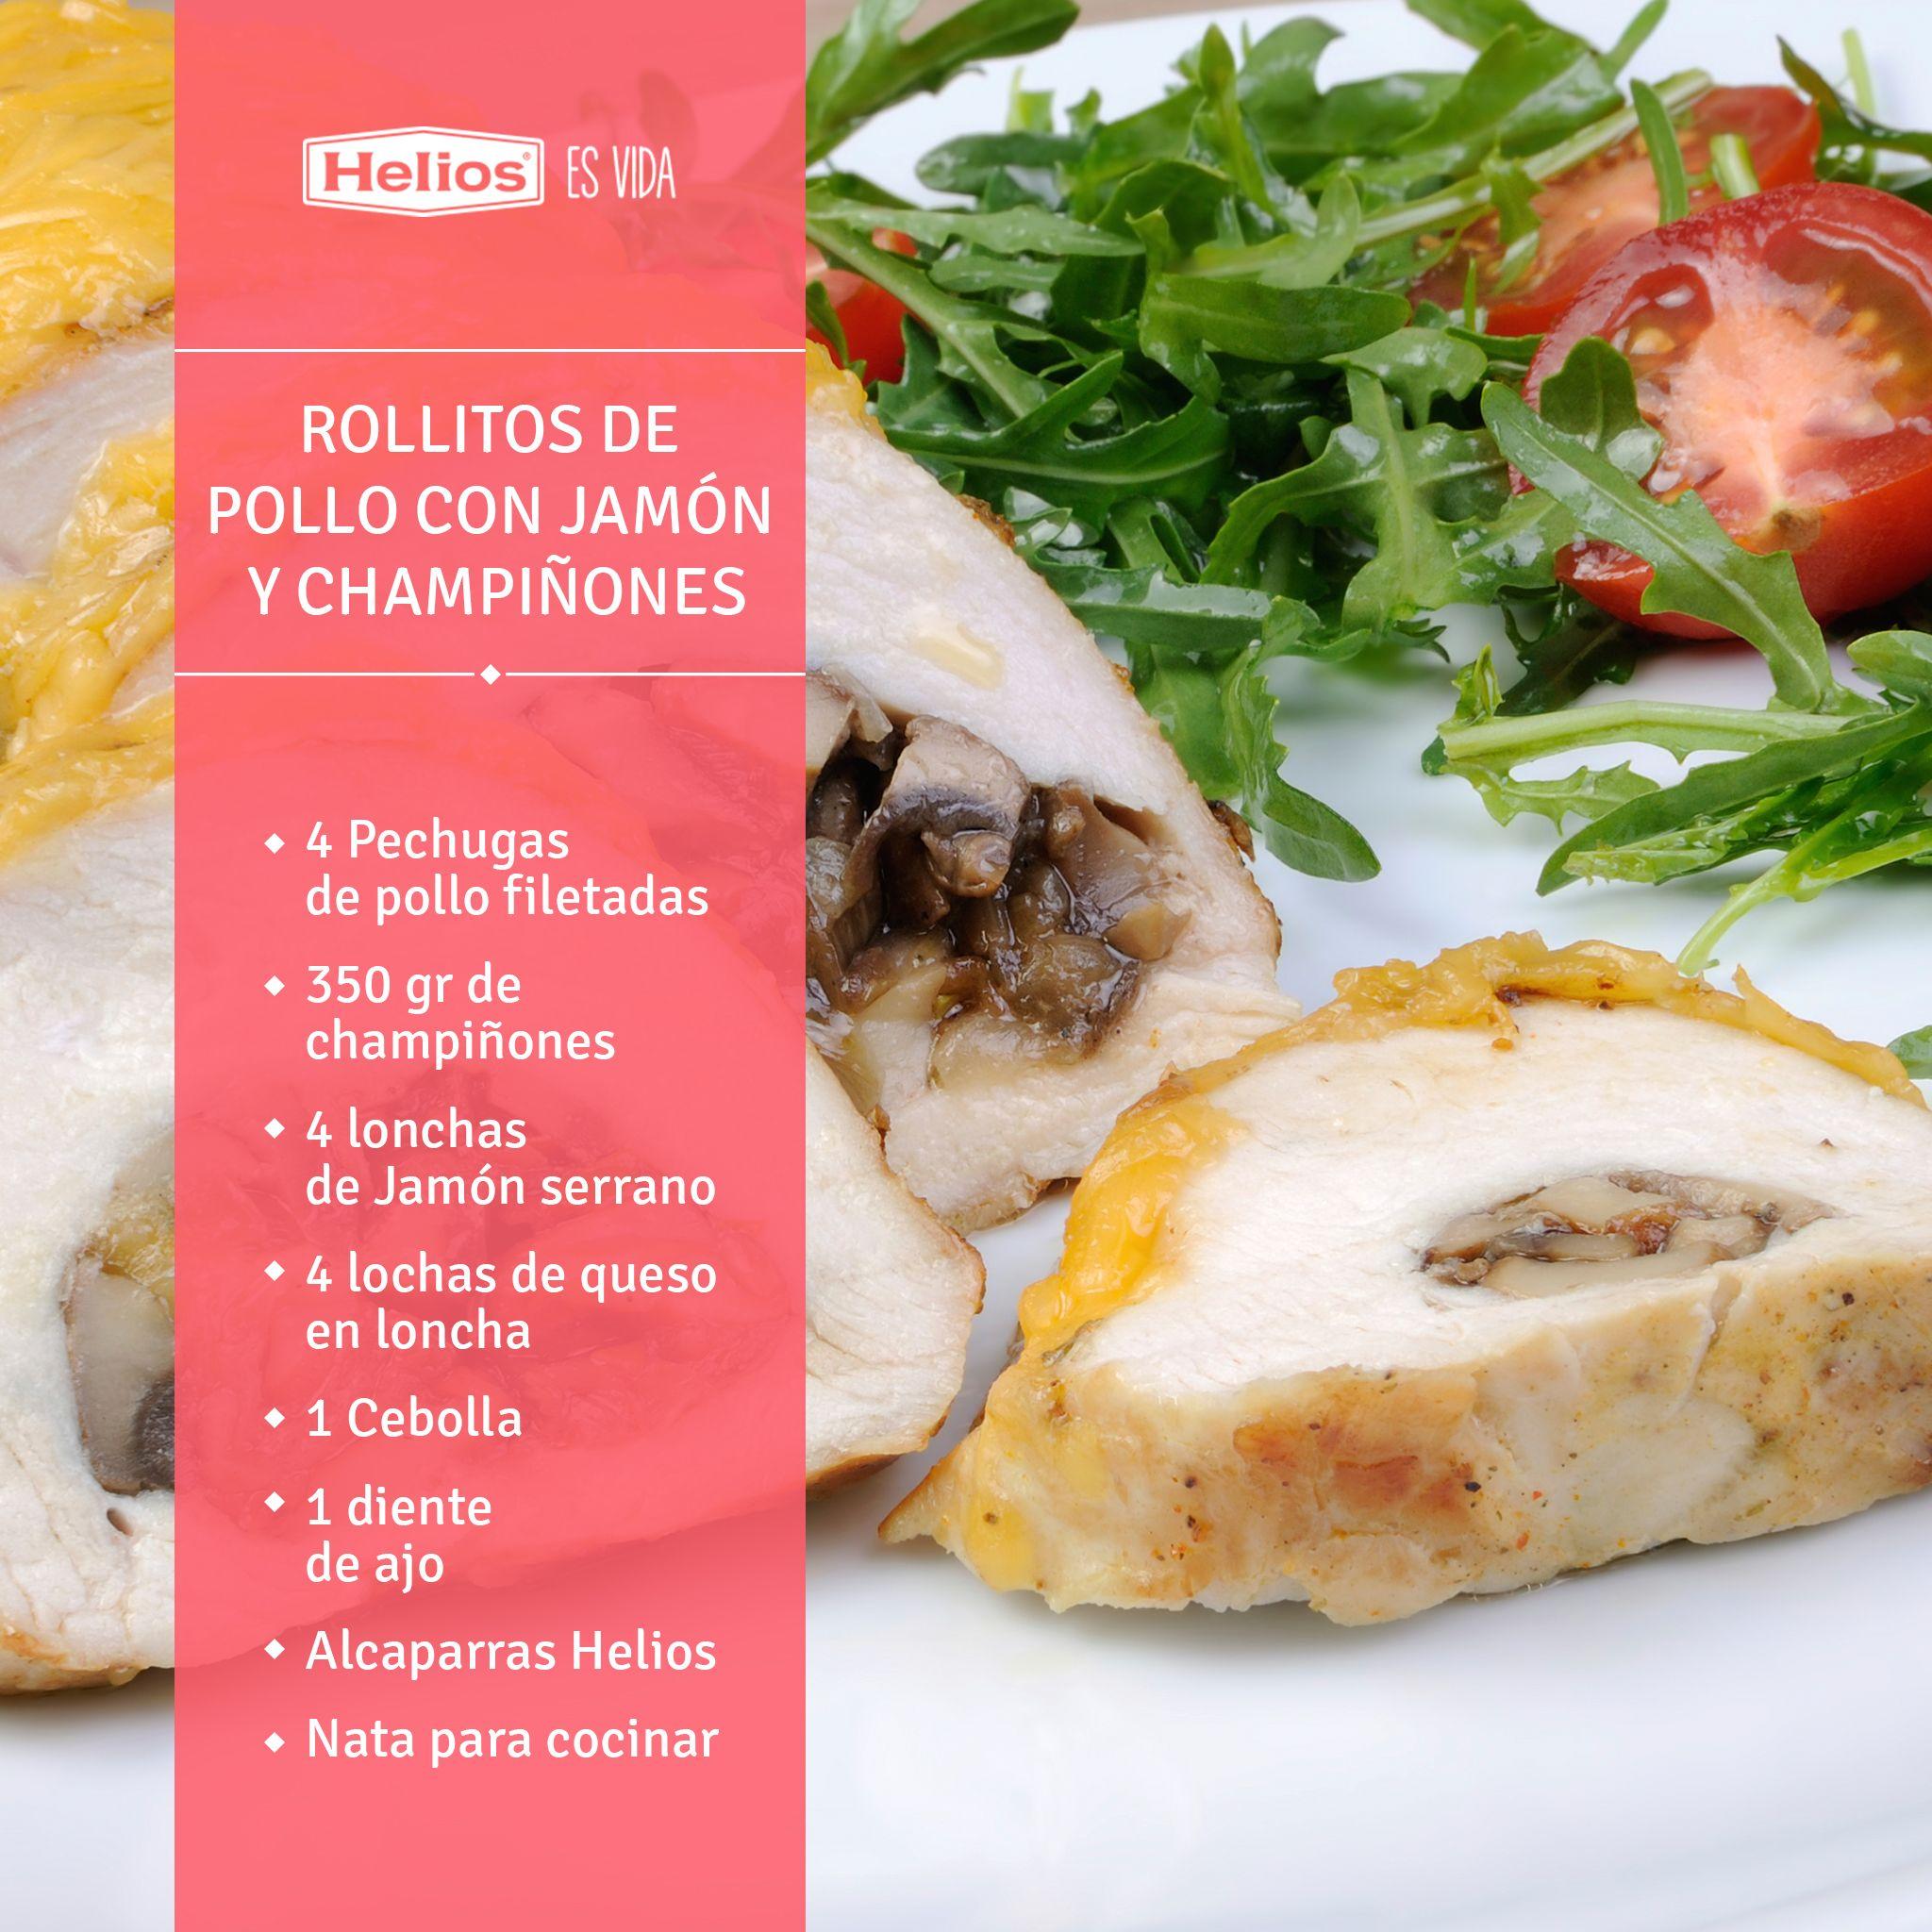 Rollitos De Pollo Con Jamón Y Champiñones Rollitos De Pollo Recetas De Comida Pollo